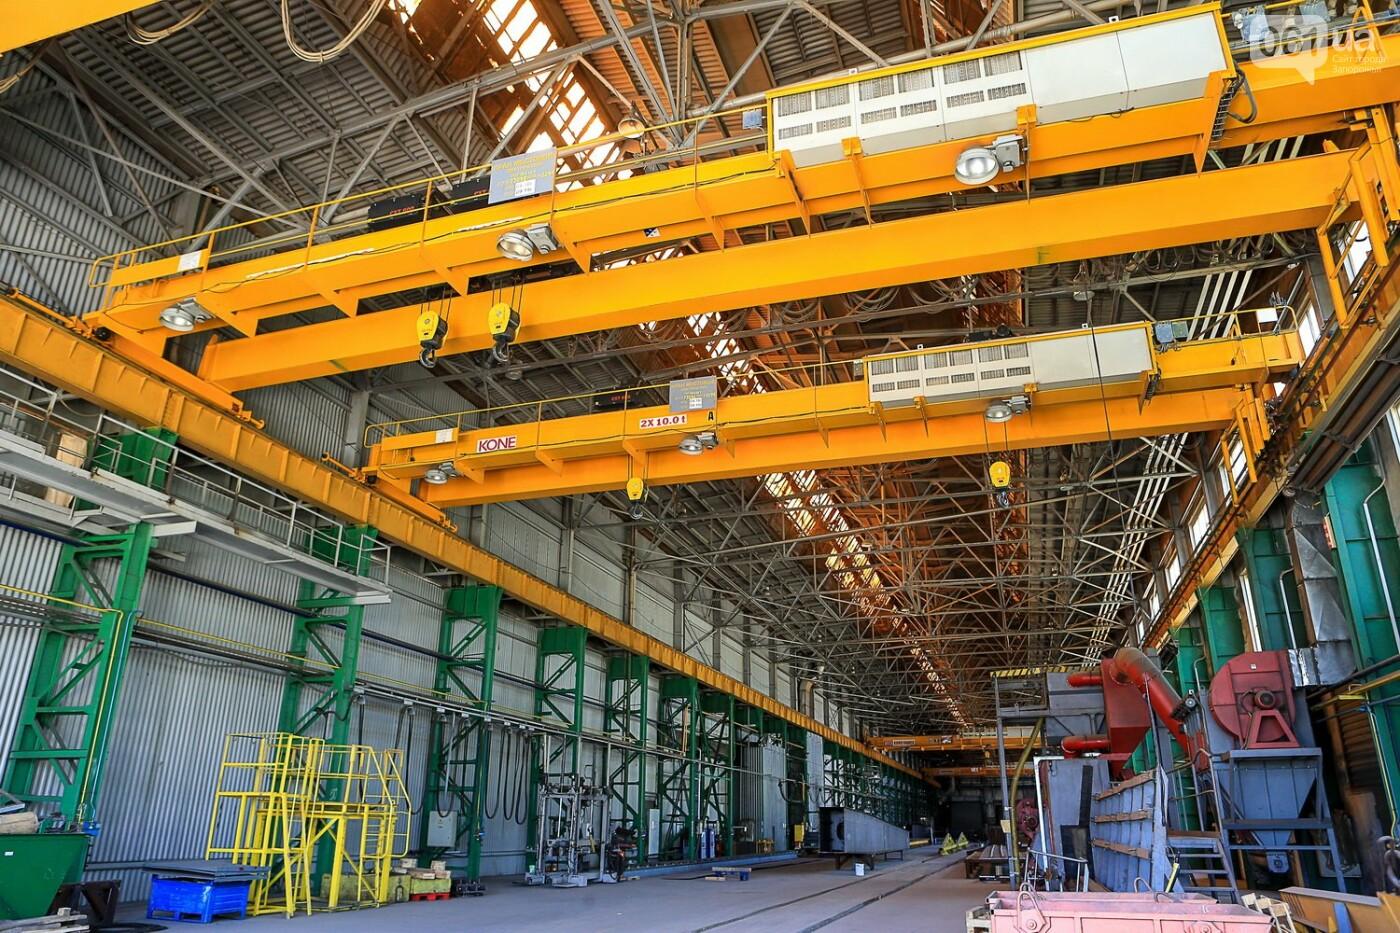 Как в Запорожье работает крупнейший в Европе завод по производству кранов: экскурсия на производство, — ФОТОРЕПОРТАЖ, фото-1